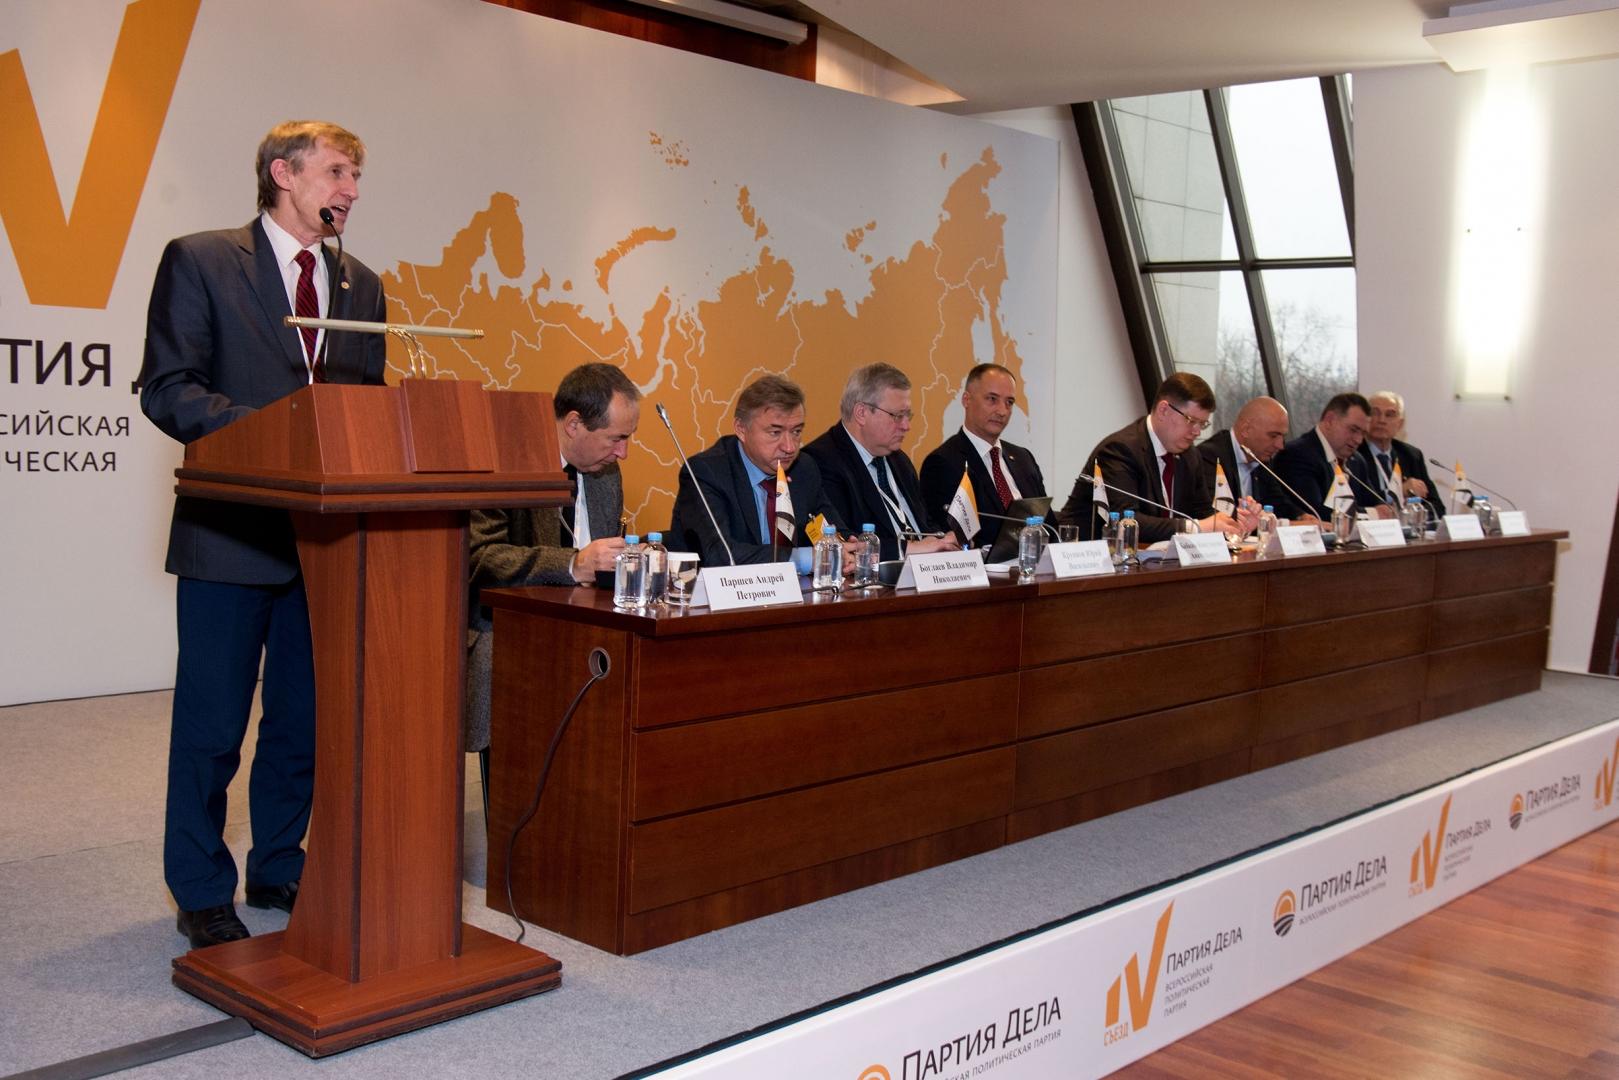 Выступление Василия Мельниченко на IV Съезде Партии Дела